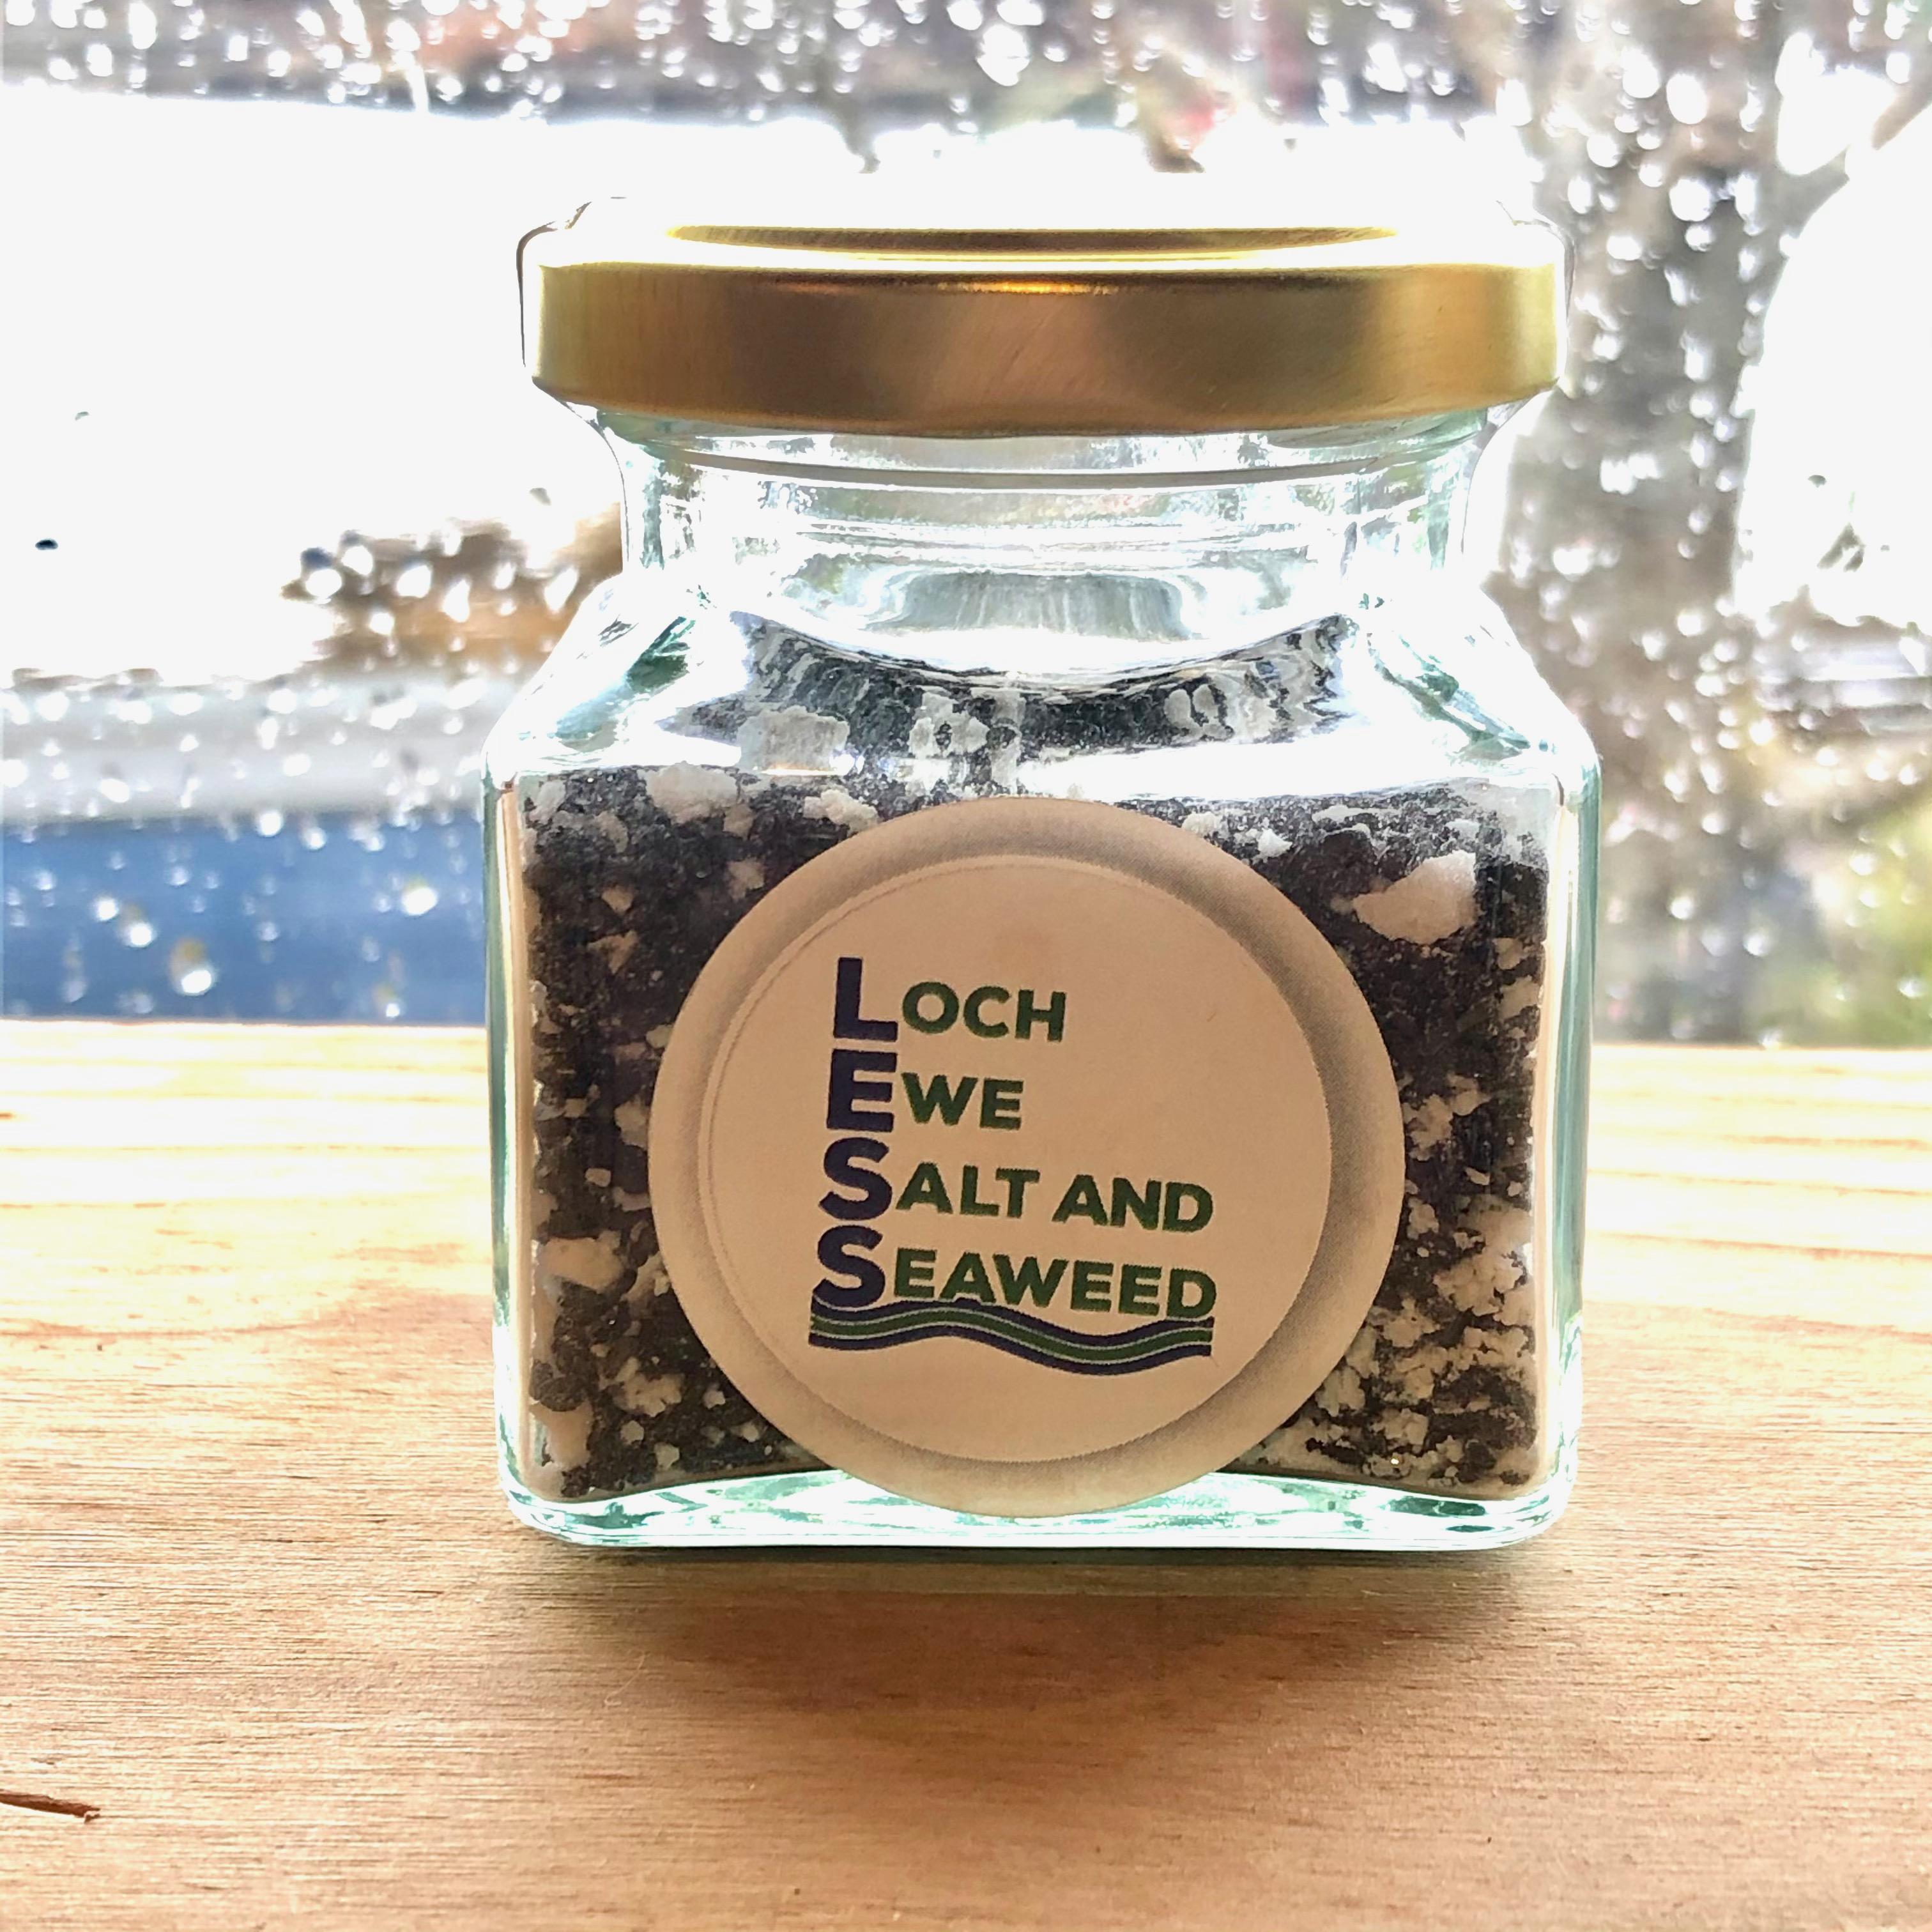 Loch Ewe Sea Salt Jar 75g: Onion Sea Salt